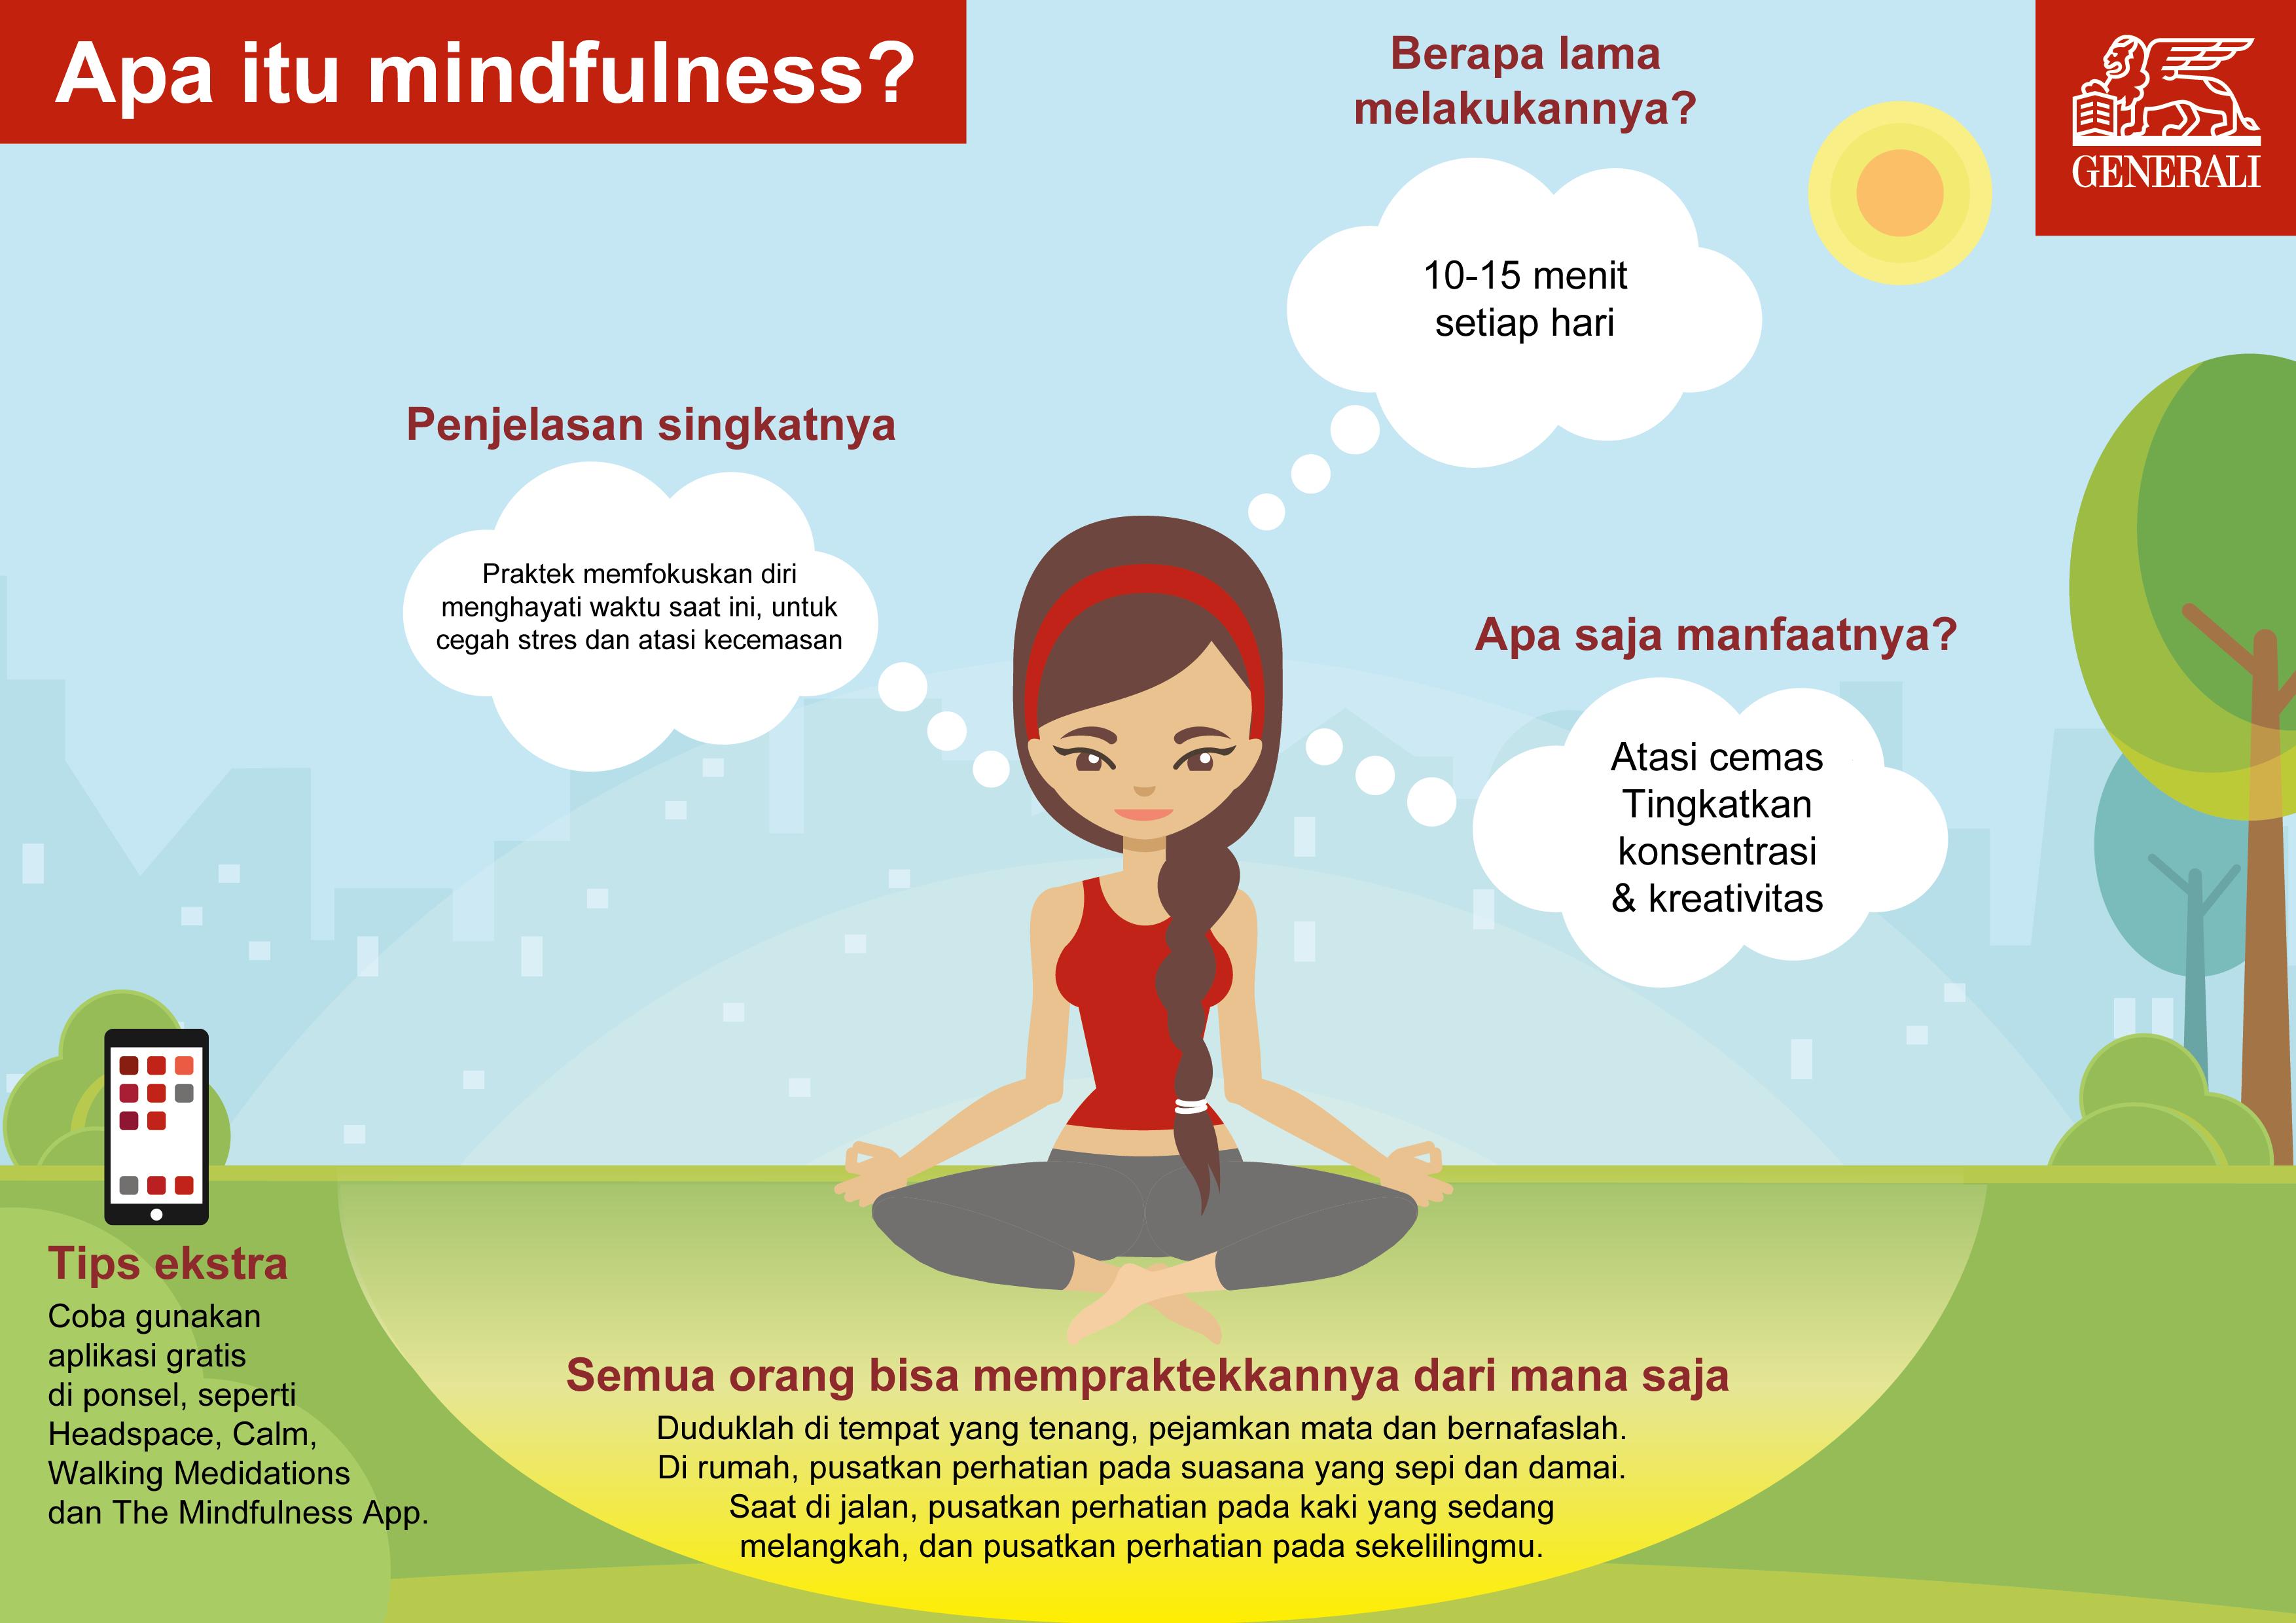 Apa itu mindfulness dan manfaatnya